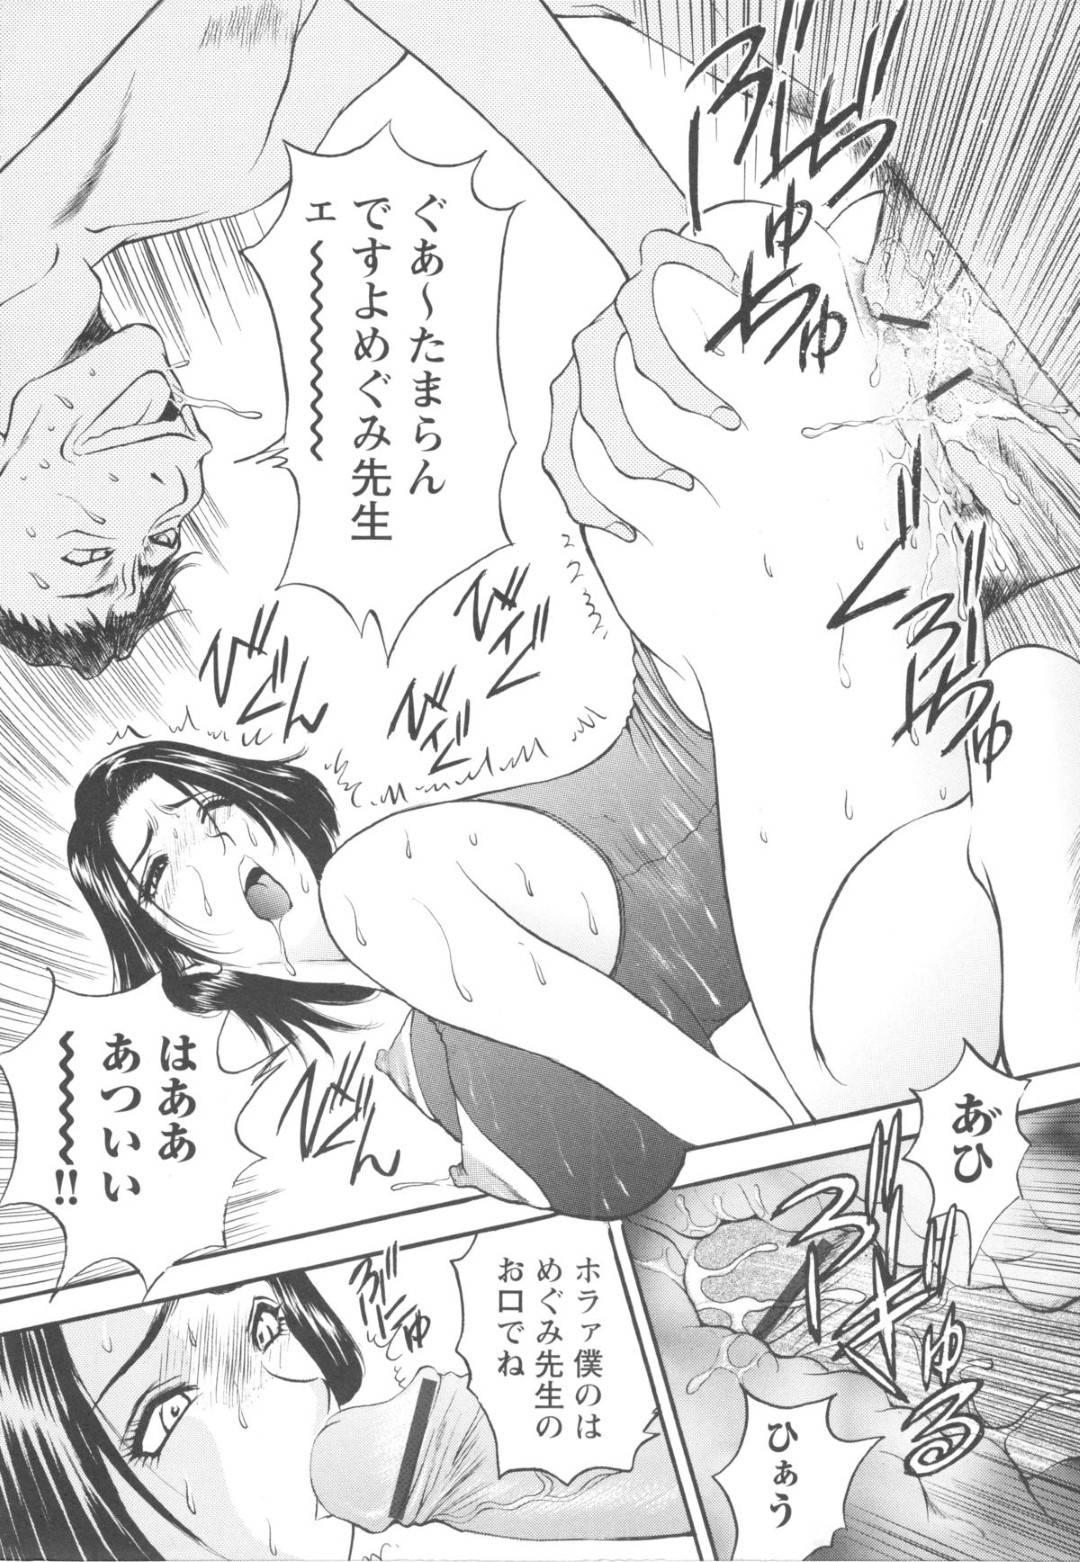 【エロ漫画】教え子にエッチなご褒美を施す事となってしまった人妻女教師…渋々従う事になった彼女は競泳水着を着させられて彼にそのまま中出しセックスを迫られてしまう!更にはそんな様子を見ていた男性講師も混じえての乱交セックスになるのだった。